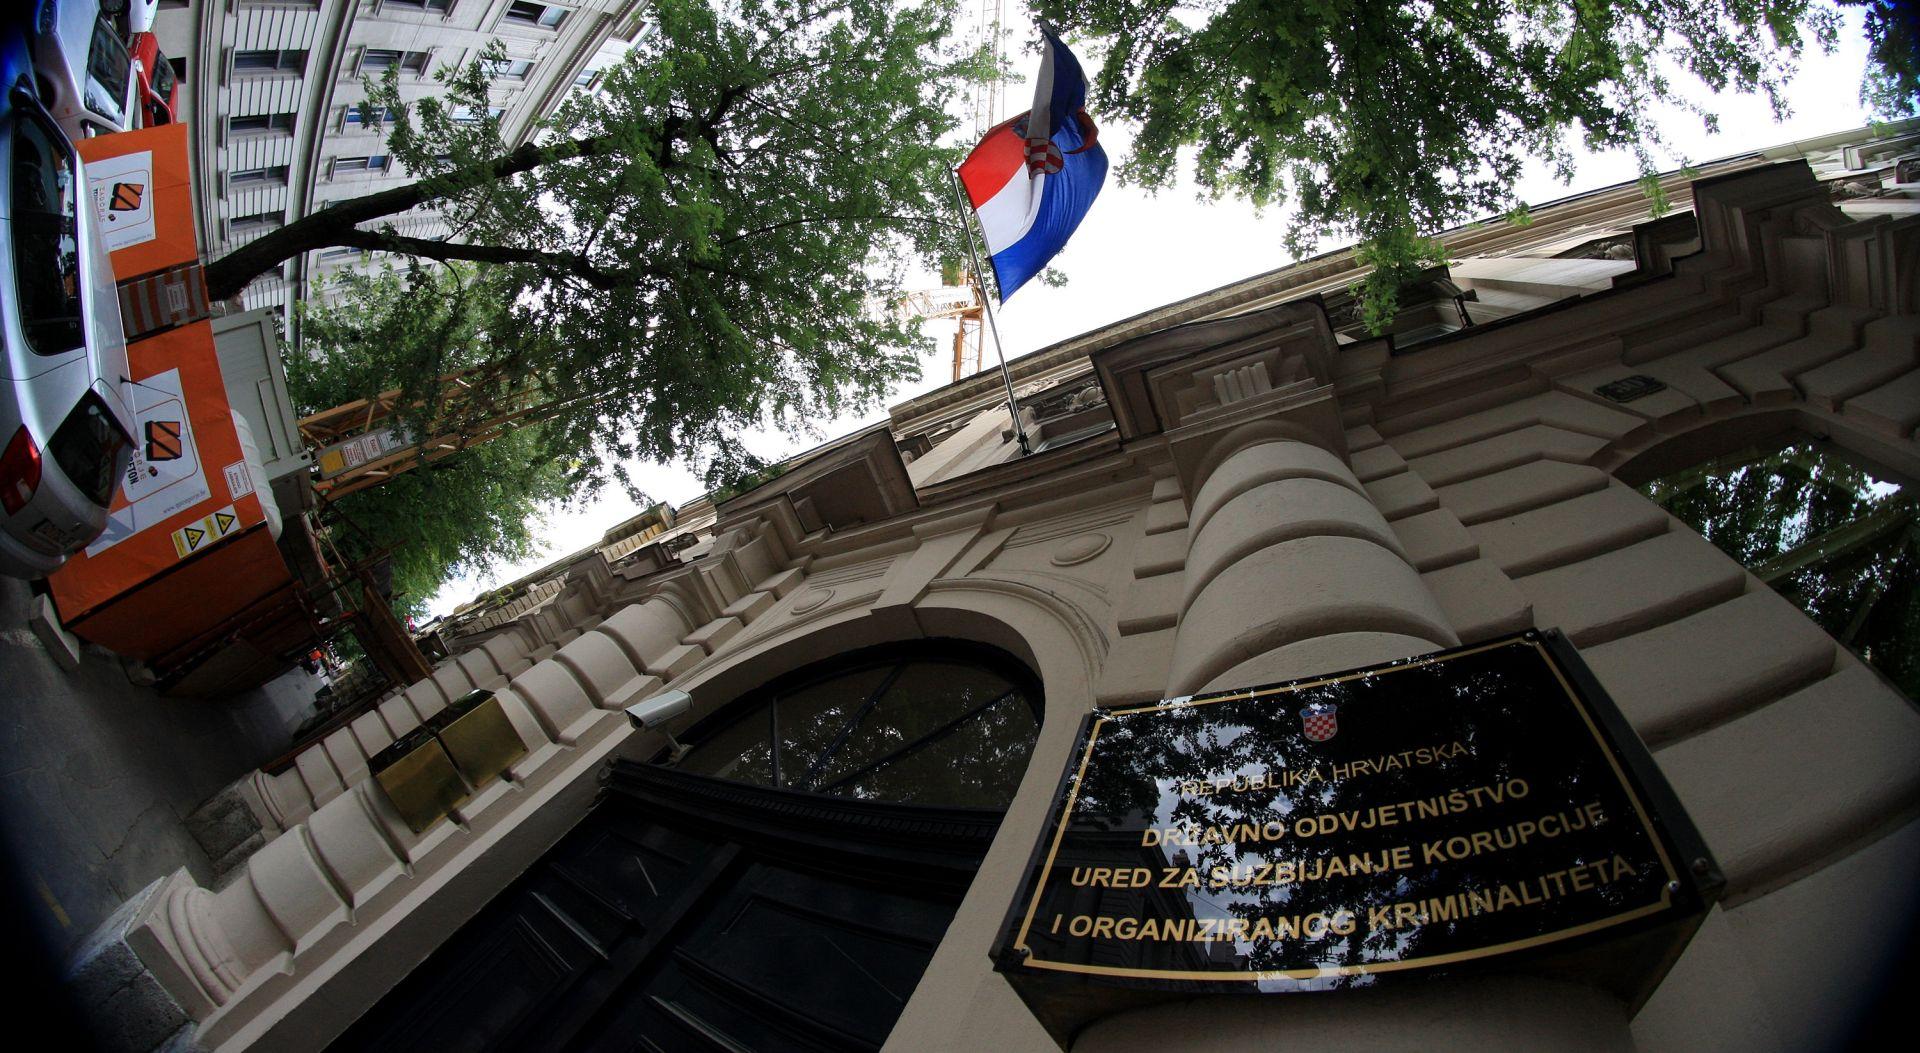 USKOK Podignuta optužnica protiv 11 okrivljenika, među njima i visokopozicionirani dužnosnici MUP-a